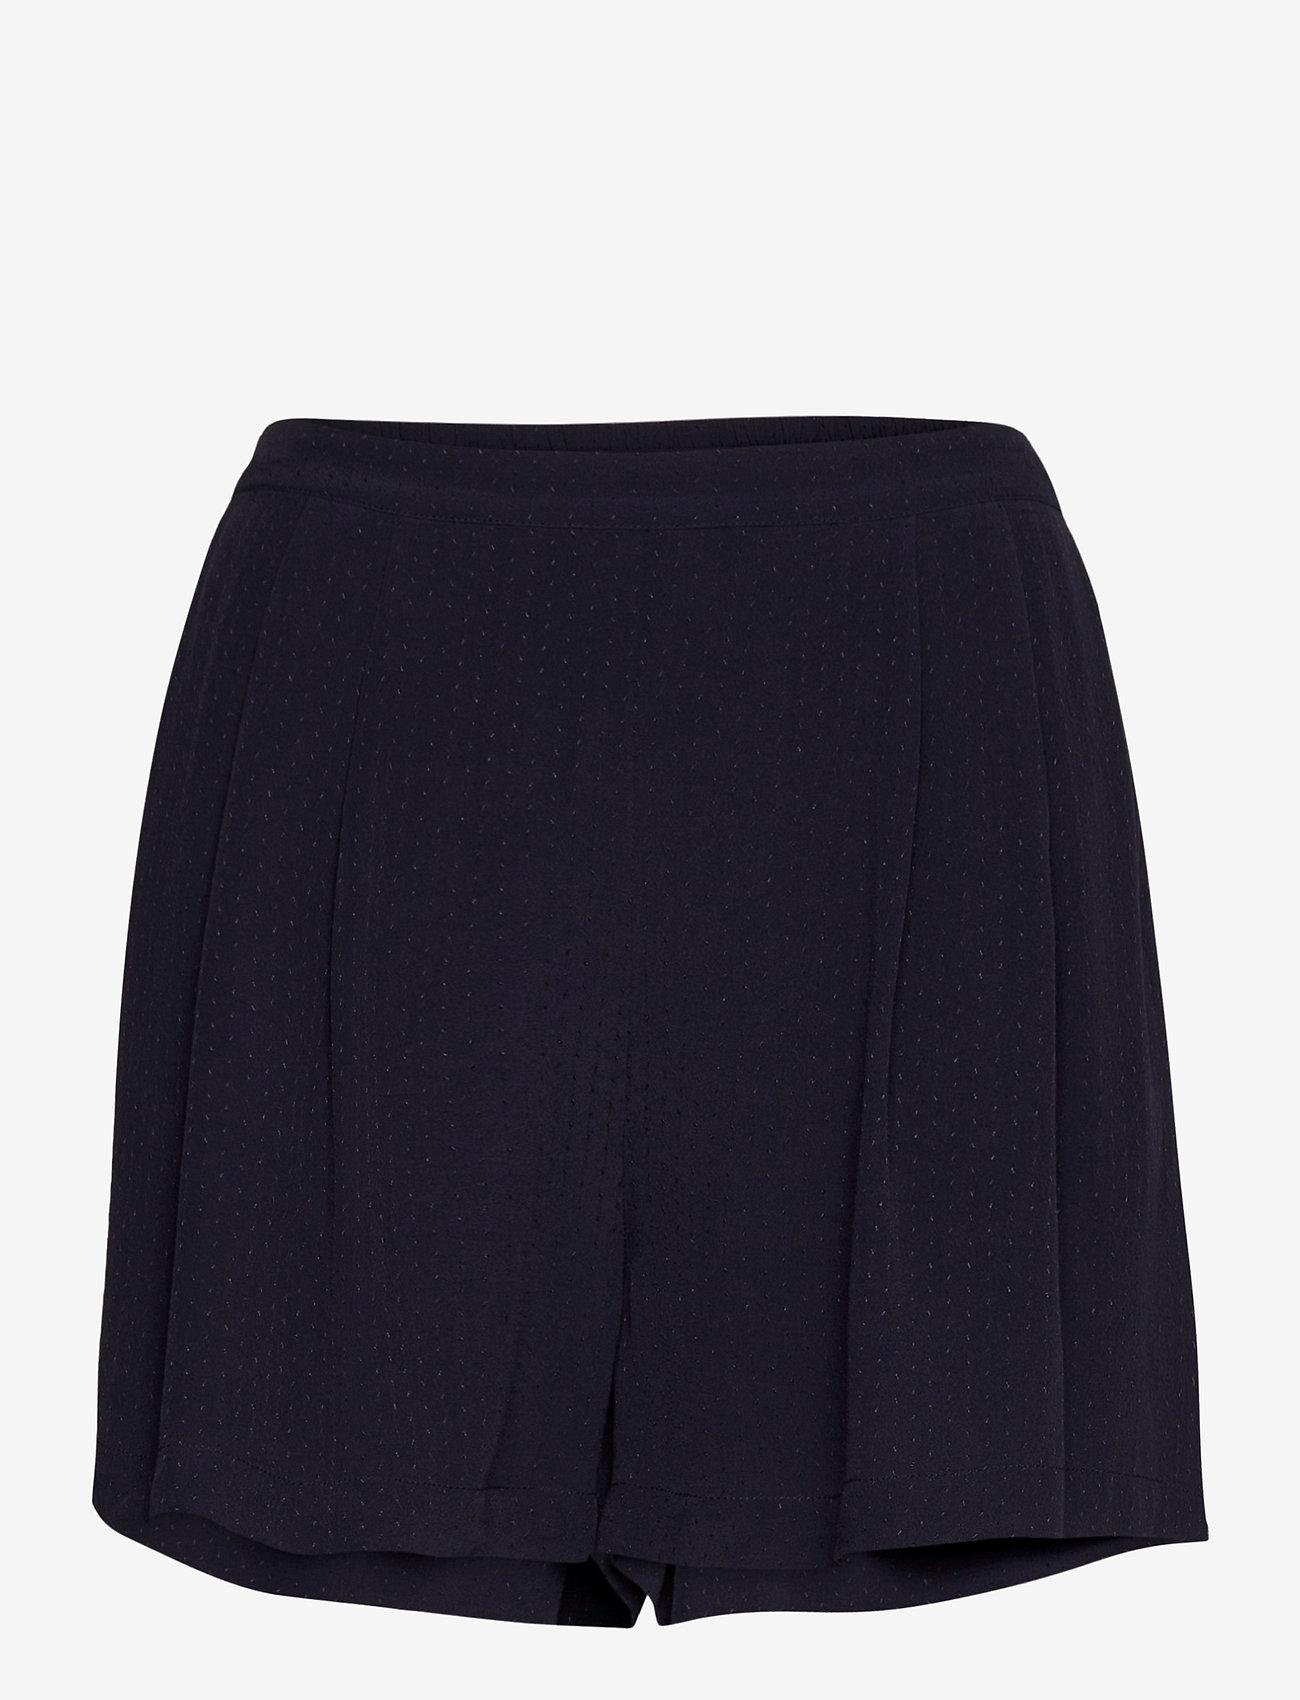 Samsøe Samsøe - Ganda shorts 10458 - shorts casual - night sky - 0